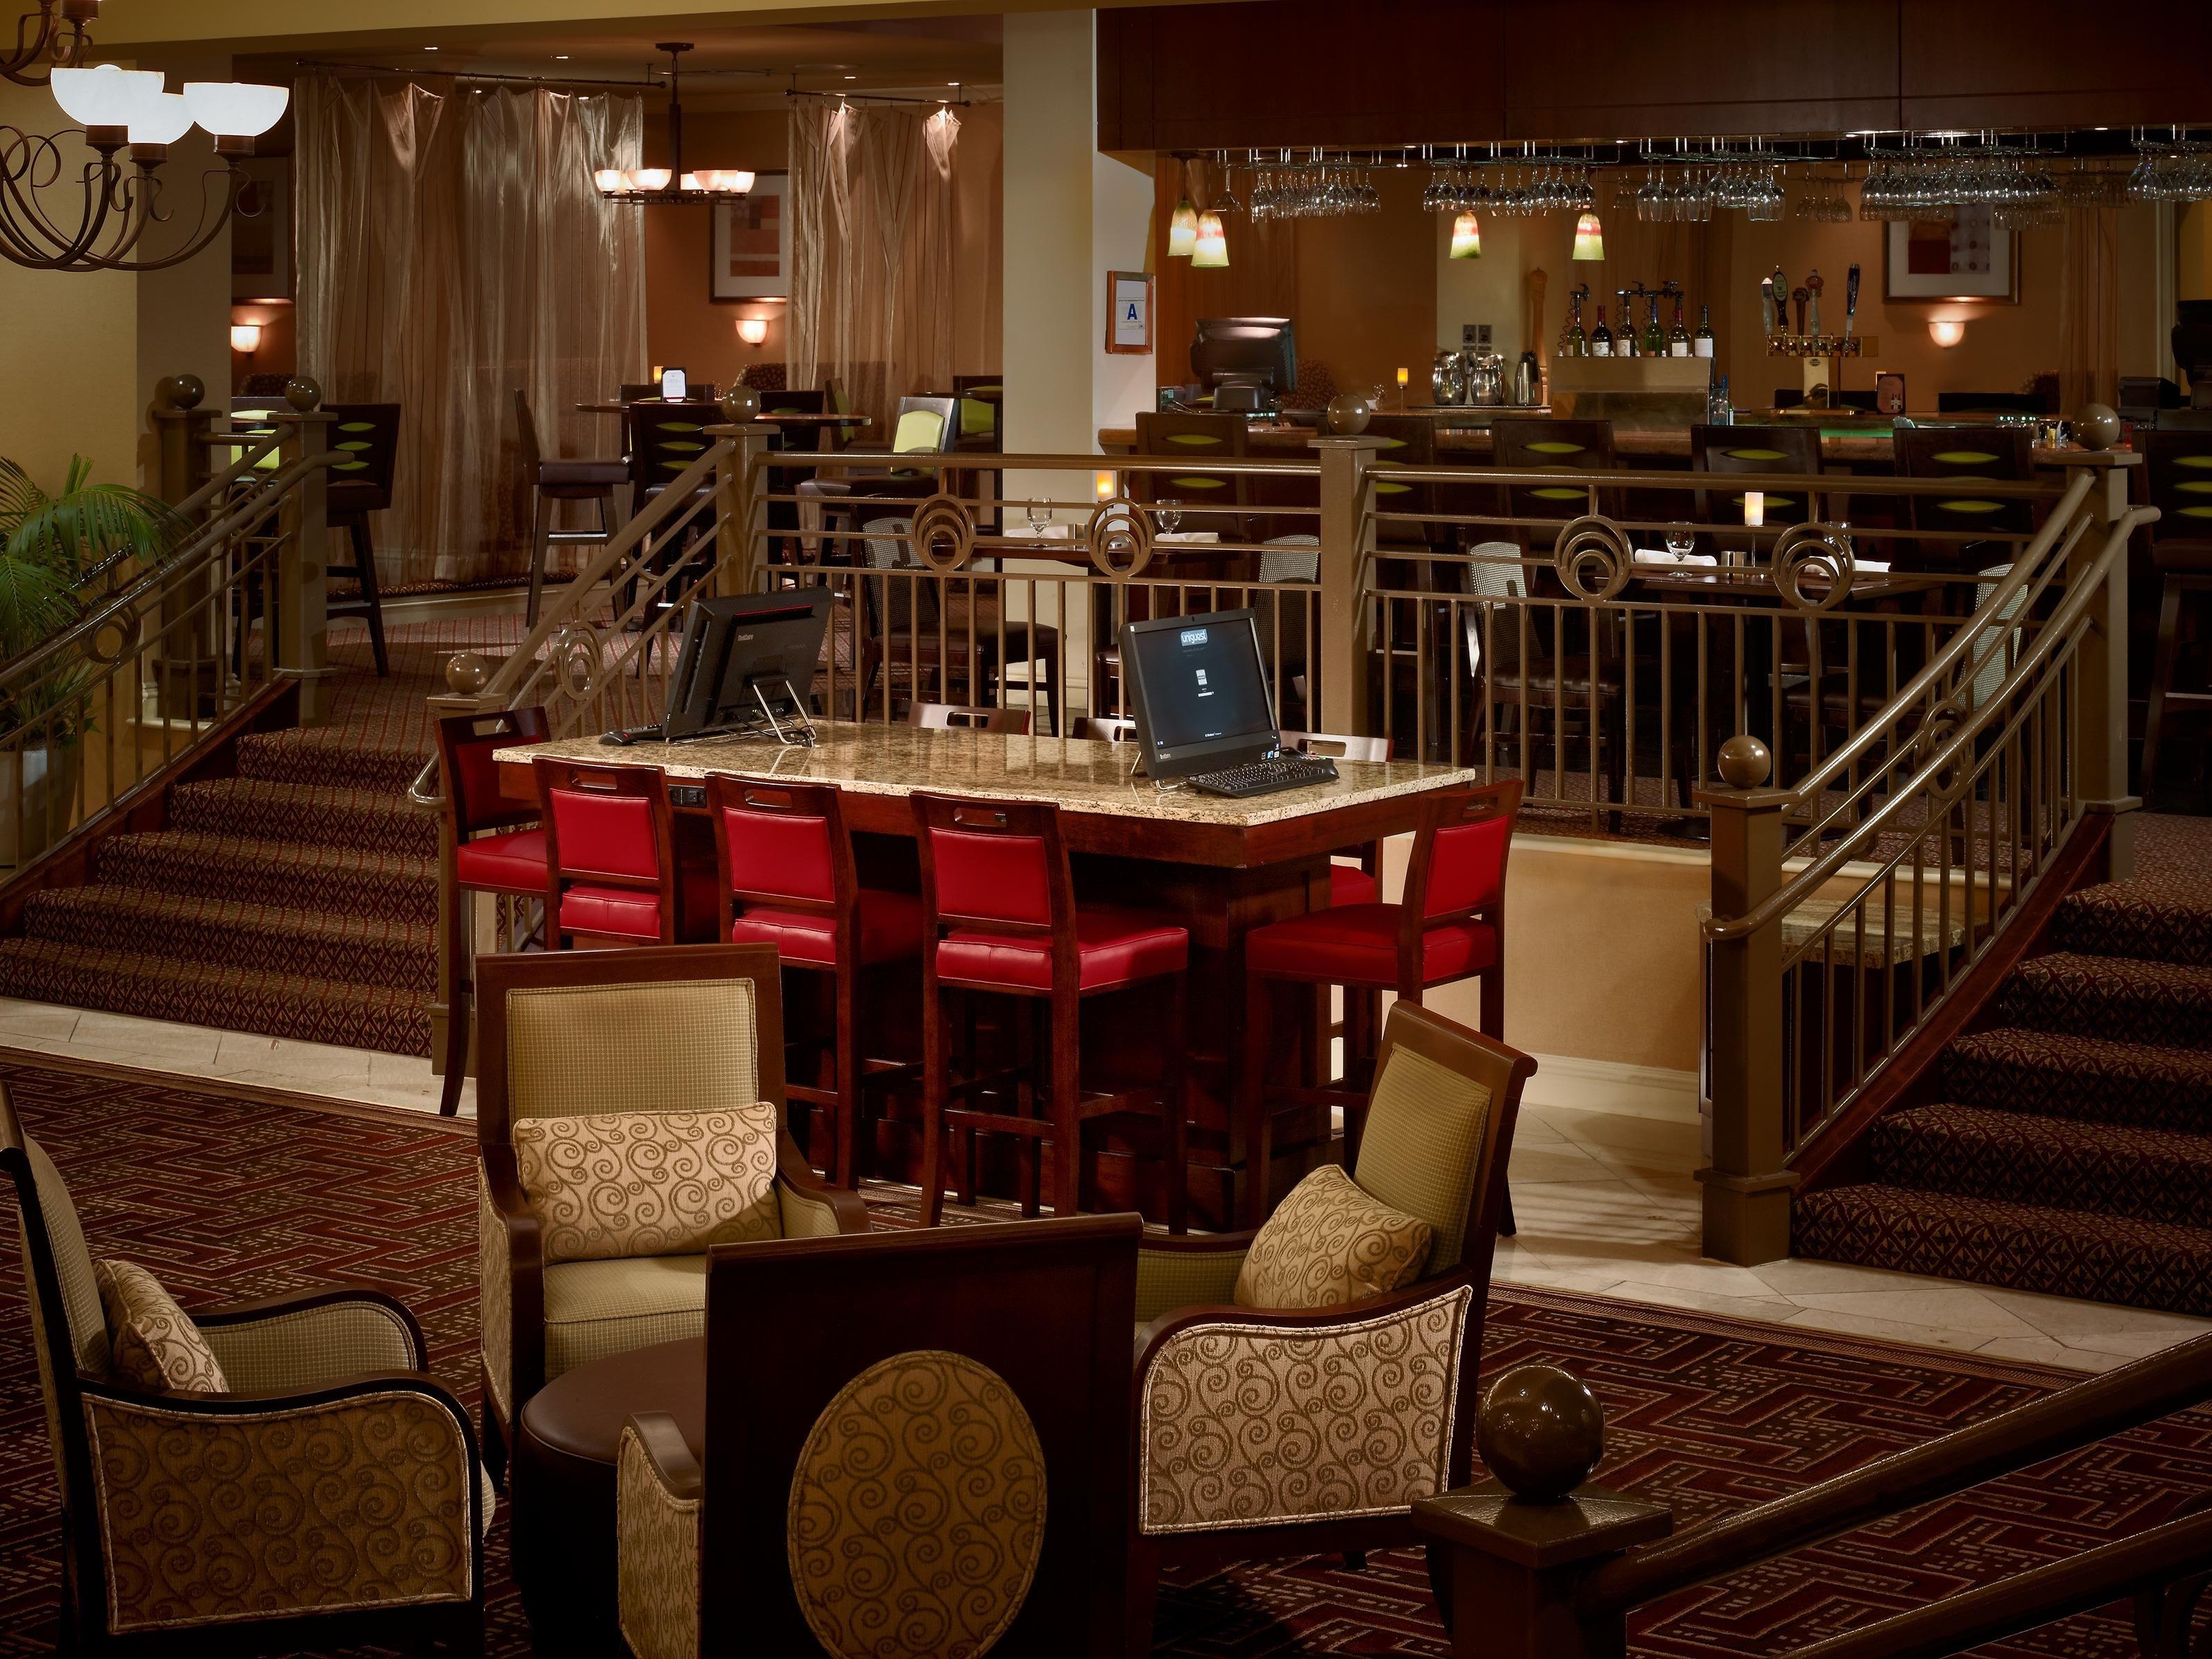 Местоположение отеля doubletree by hilton columbia, sc в городе колумбия находится рядом с аэропортом